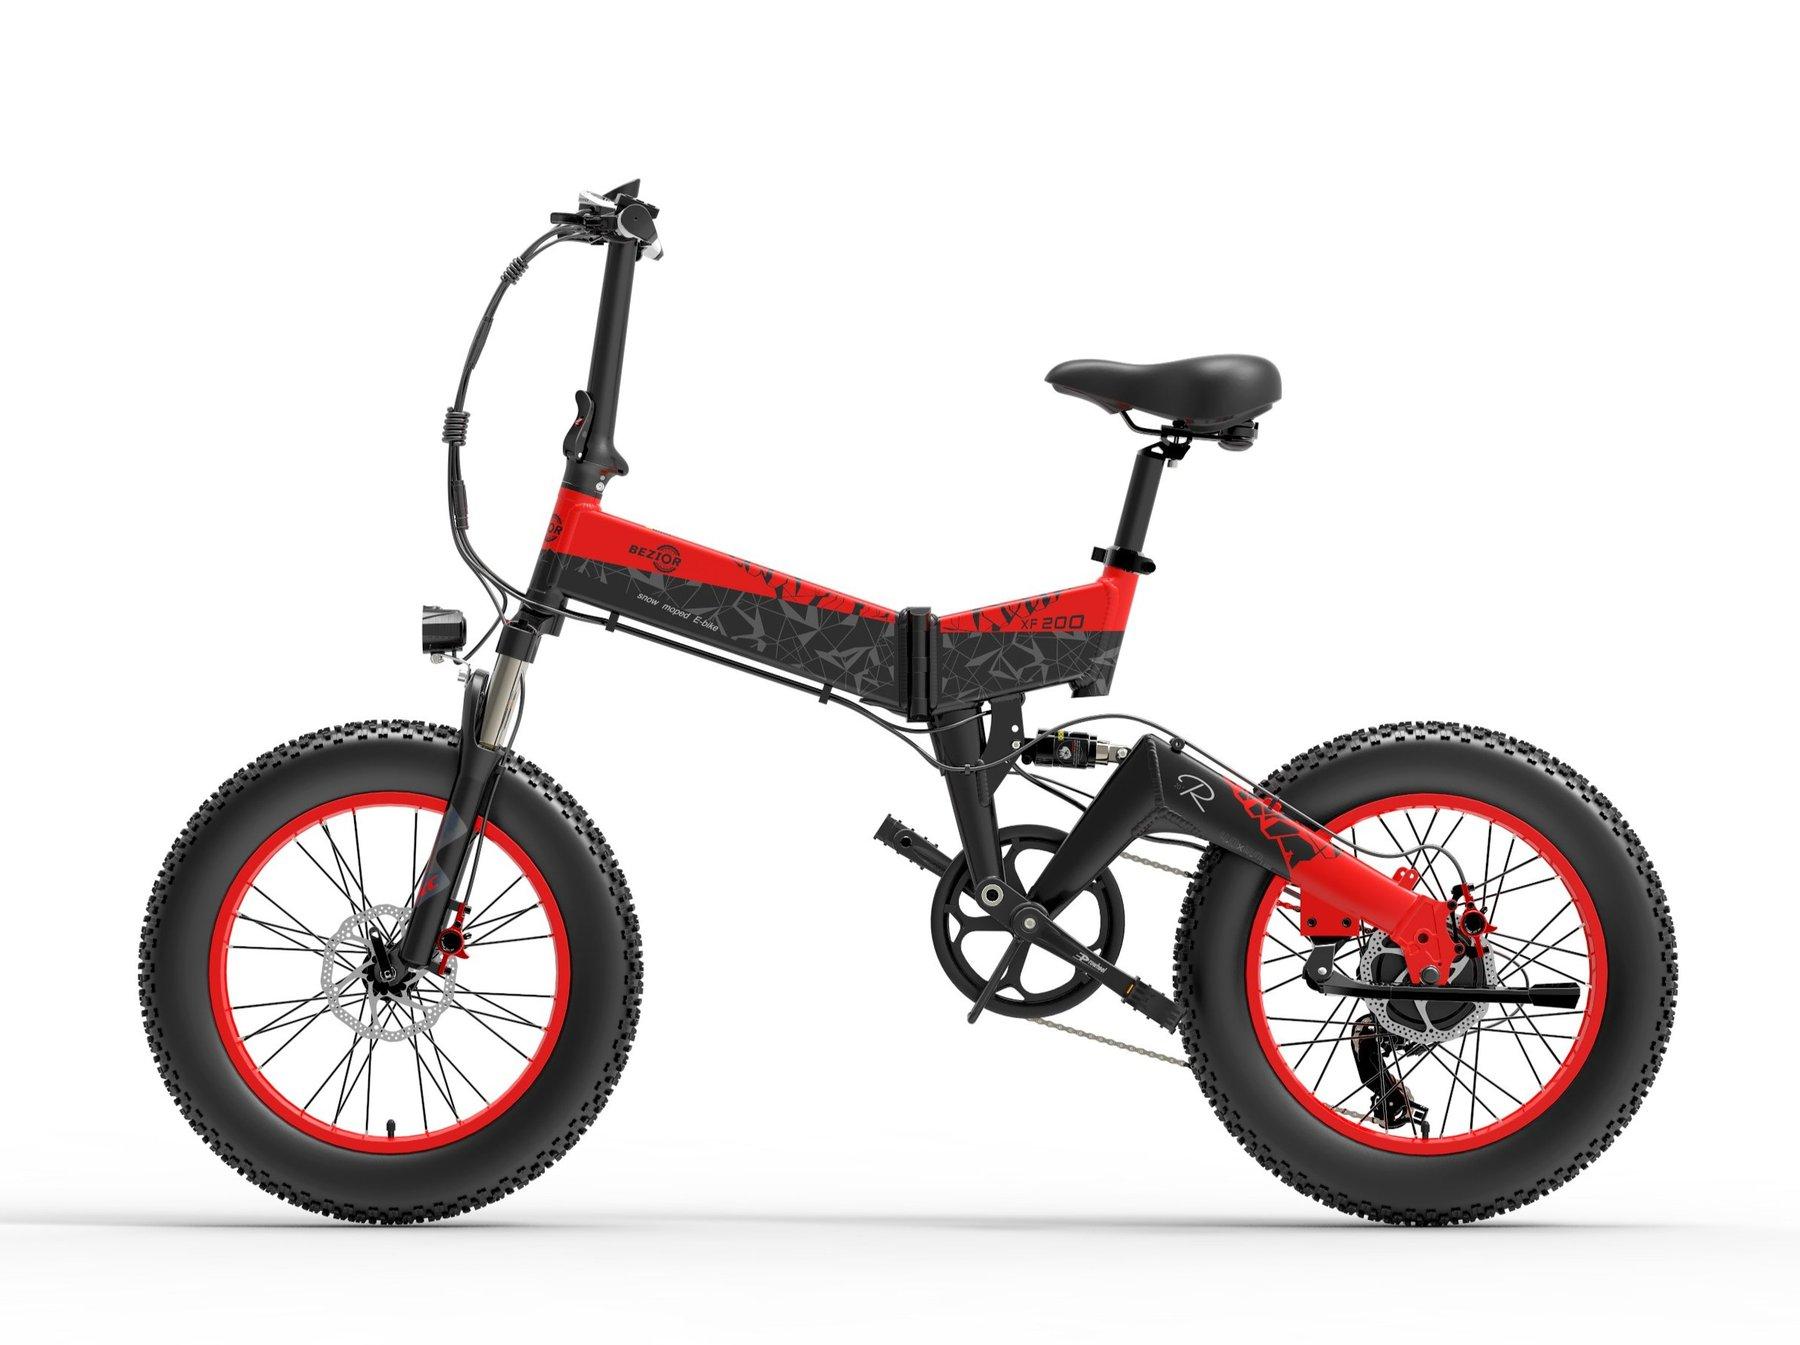 Bici Elettrica Beziors XF200 : Motore da 1000 W fino a 40 km/h